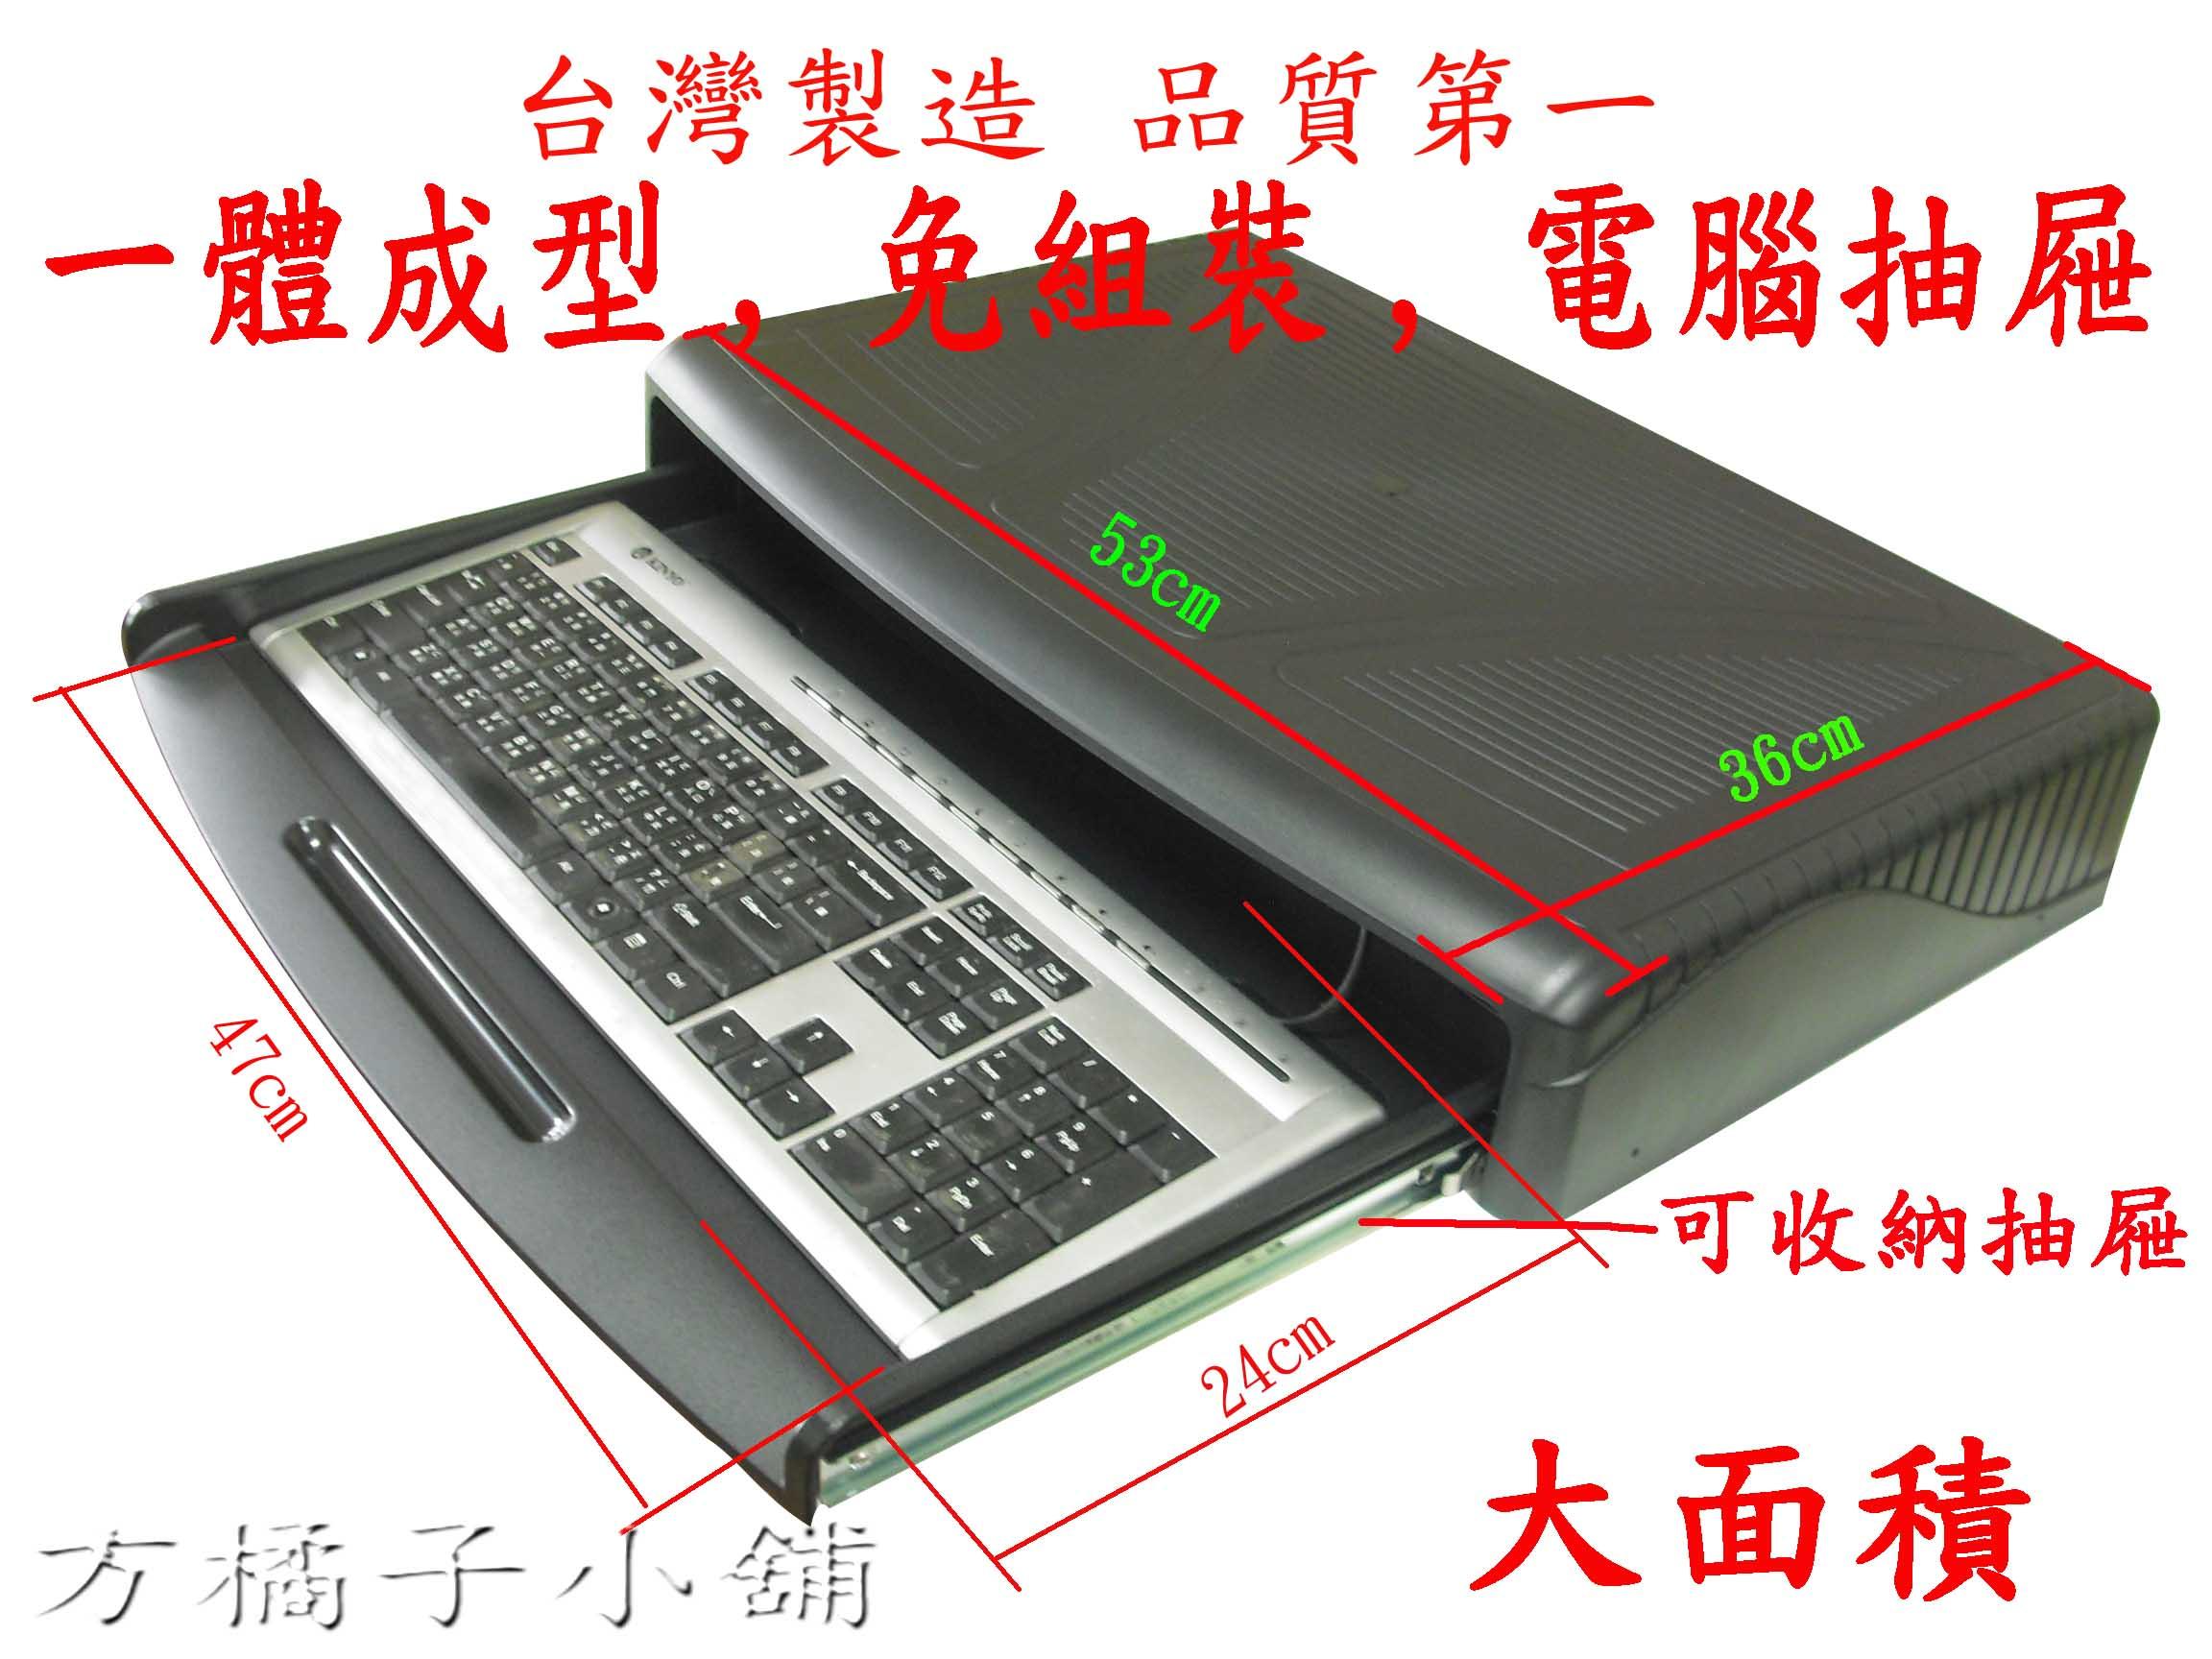 電腦鍵盤架,